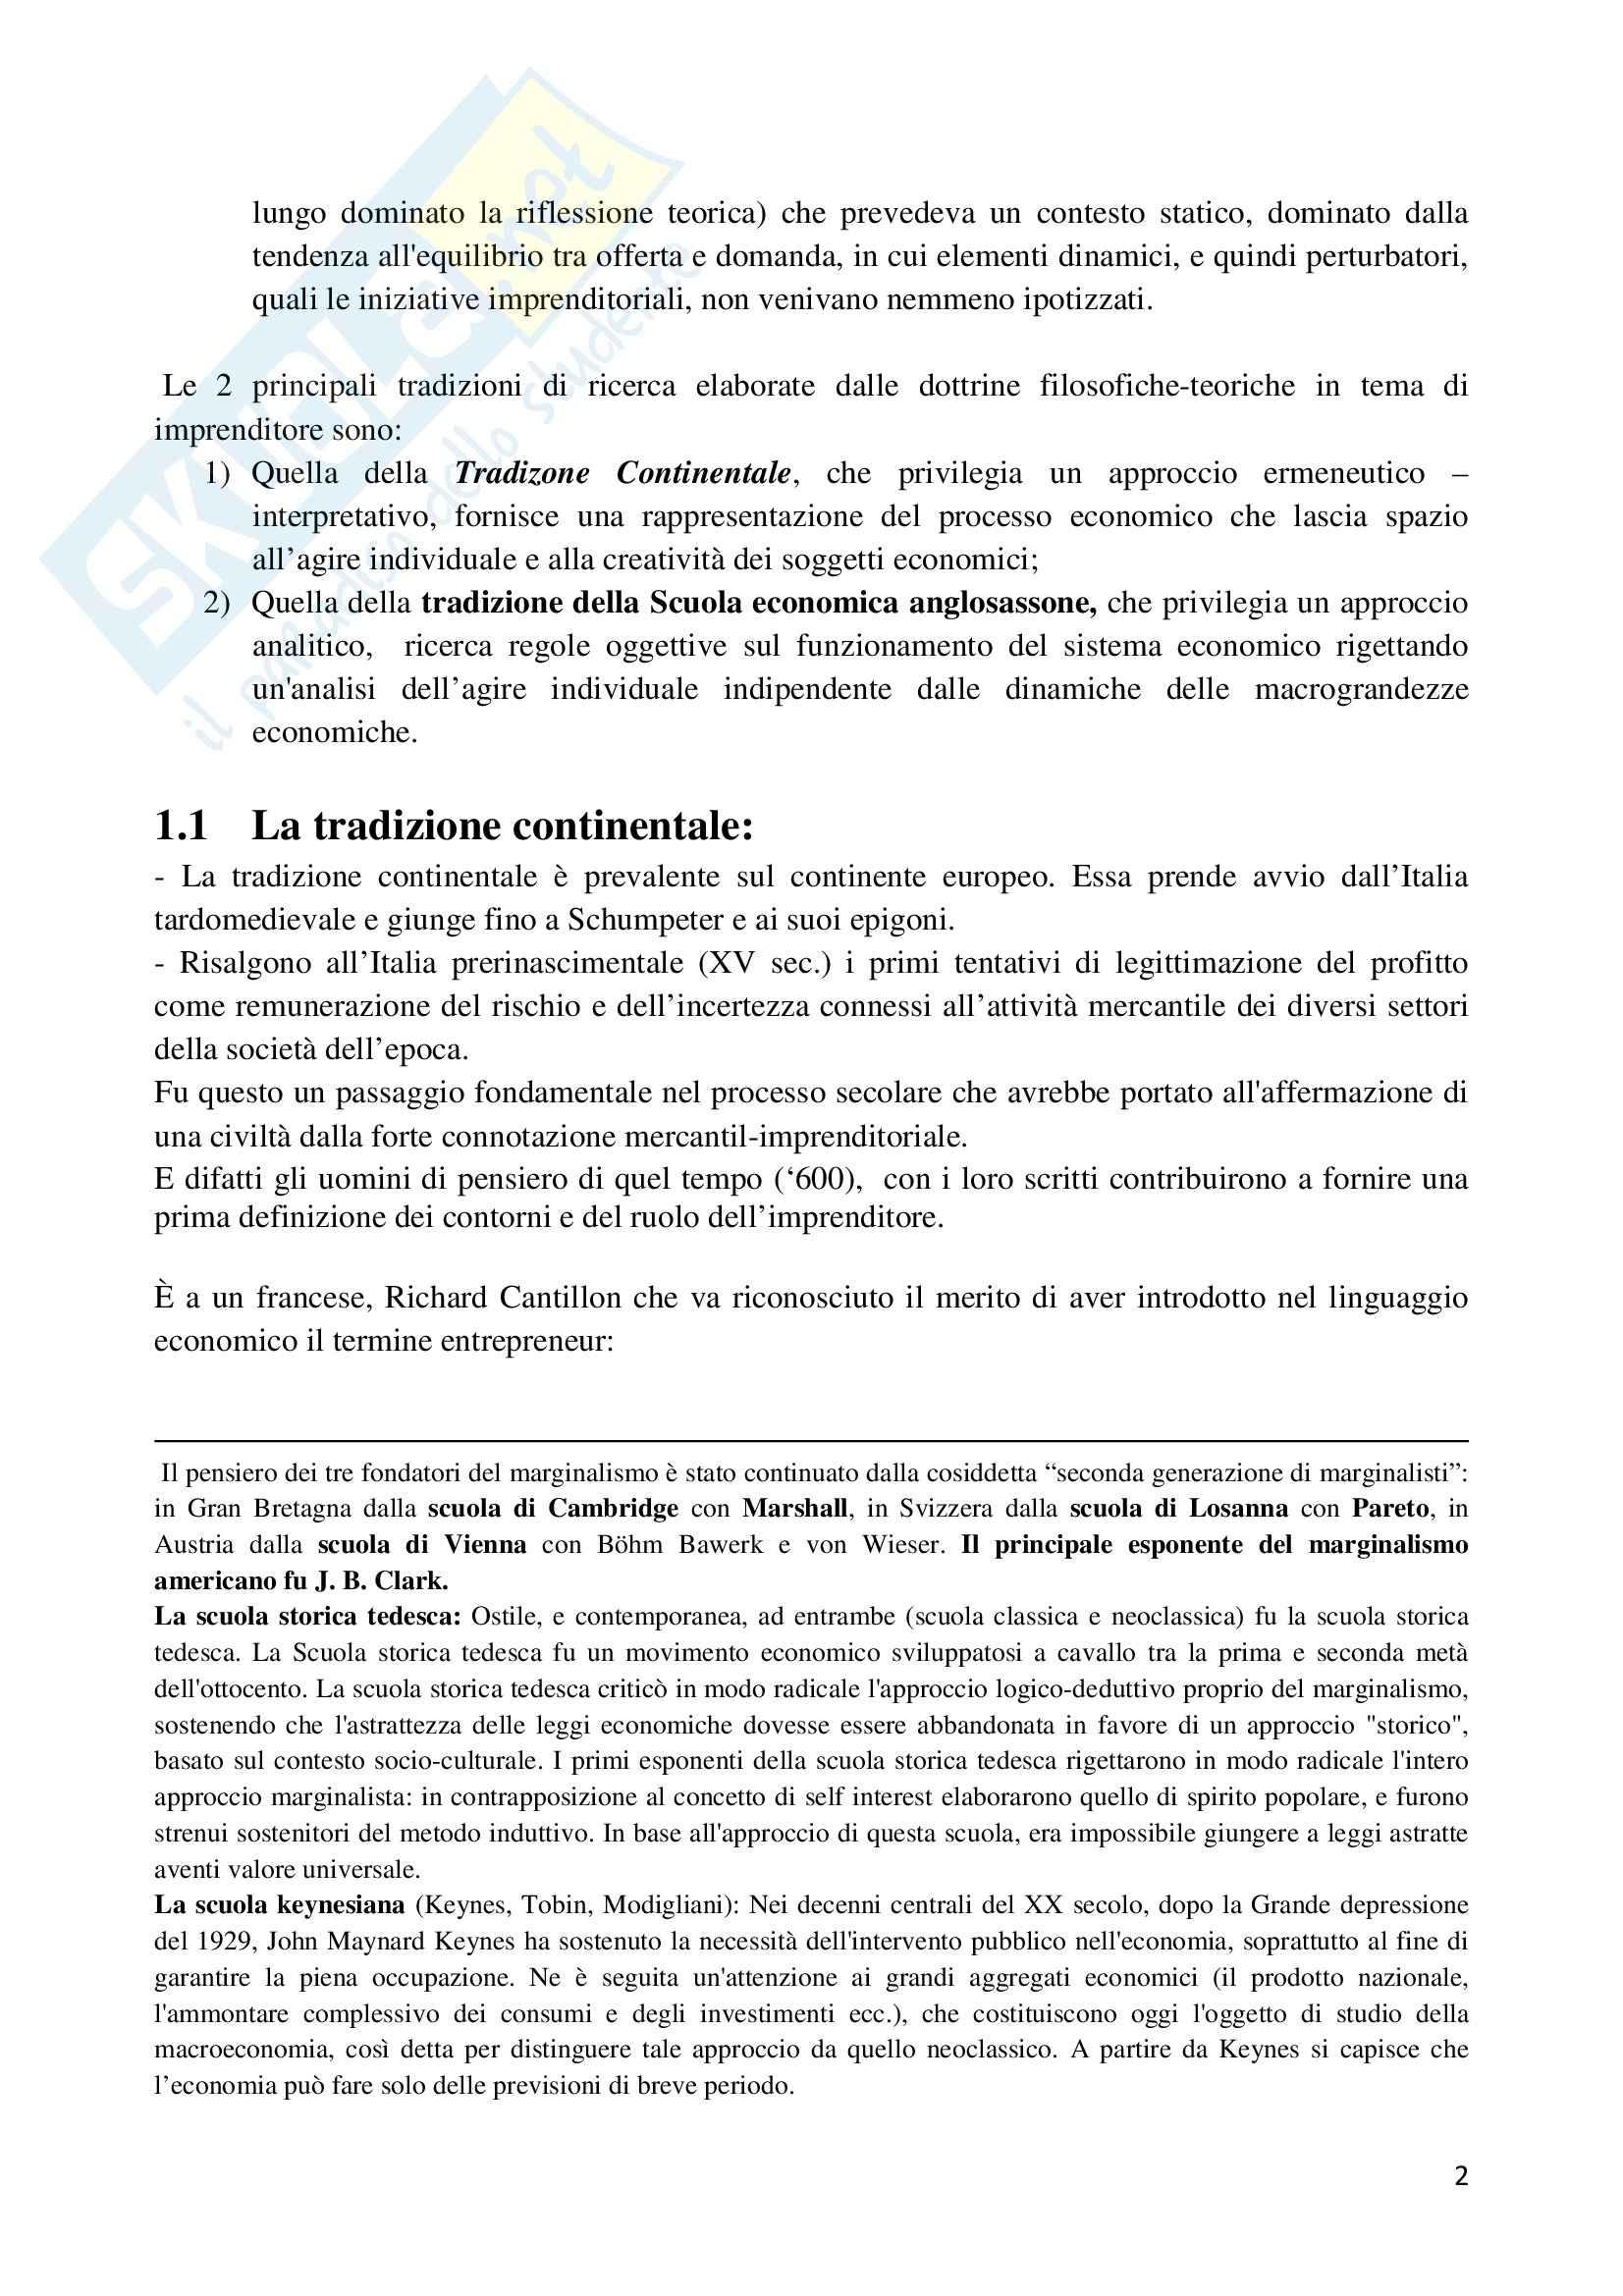 Riassunto esame Storia dell'Impresa, prof. Colonna, libro consigliato Storia dell'Impresa, Toninelli Pag. 2